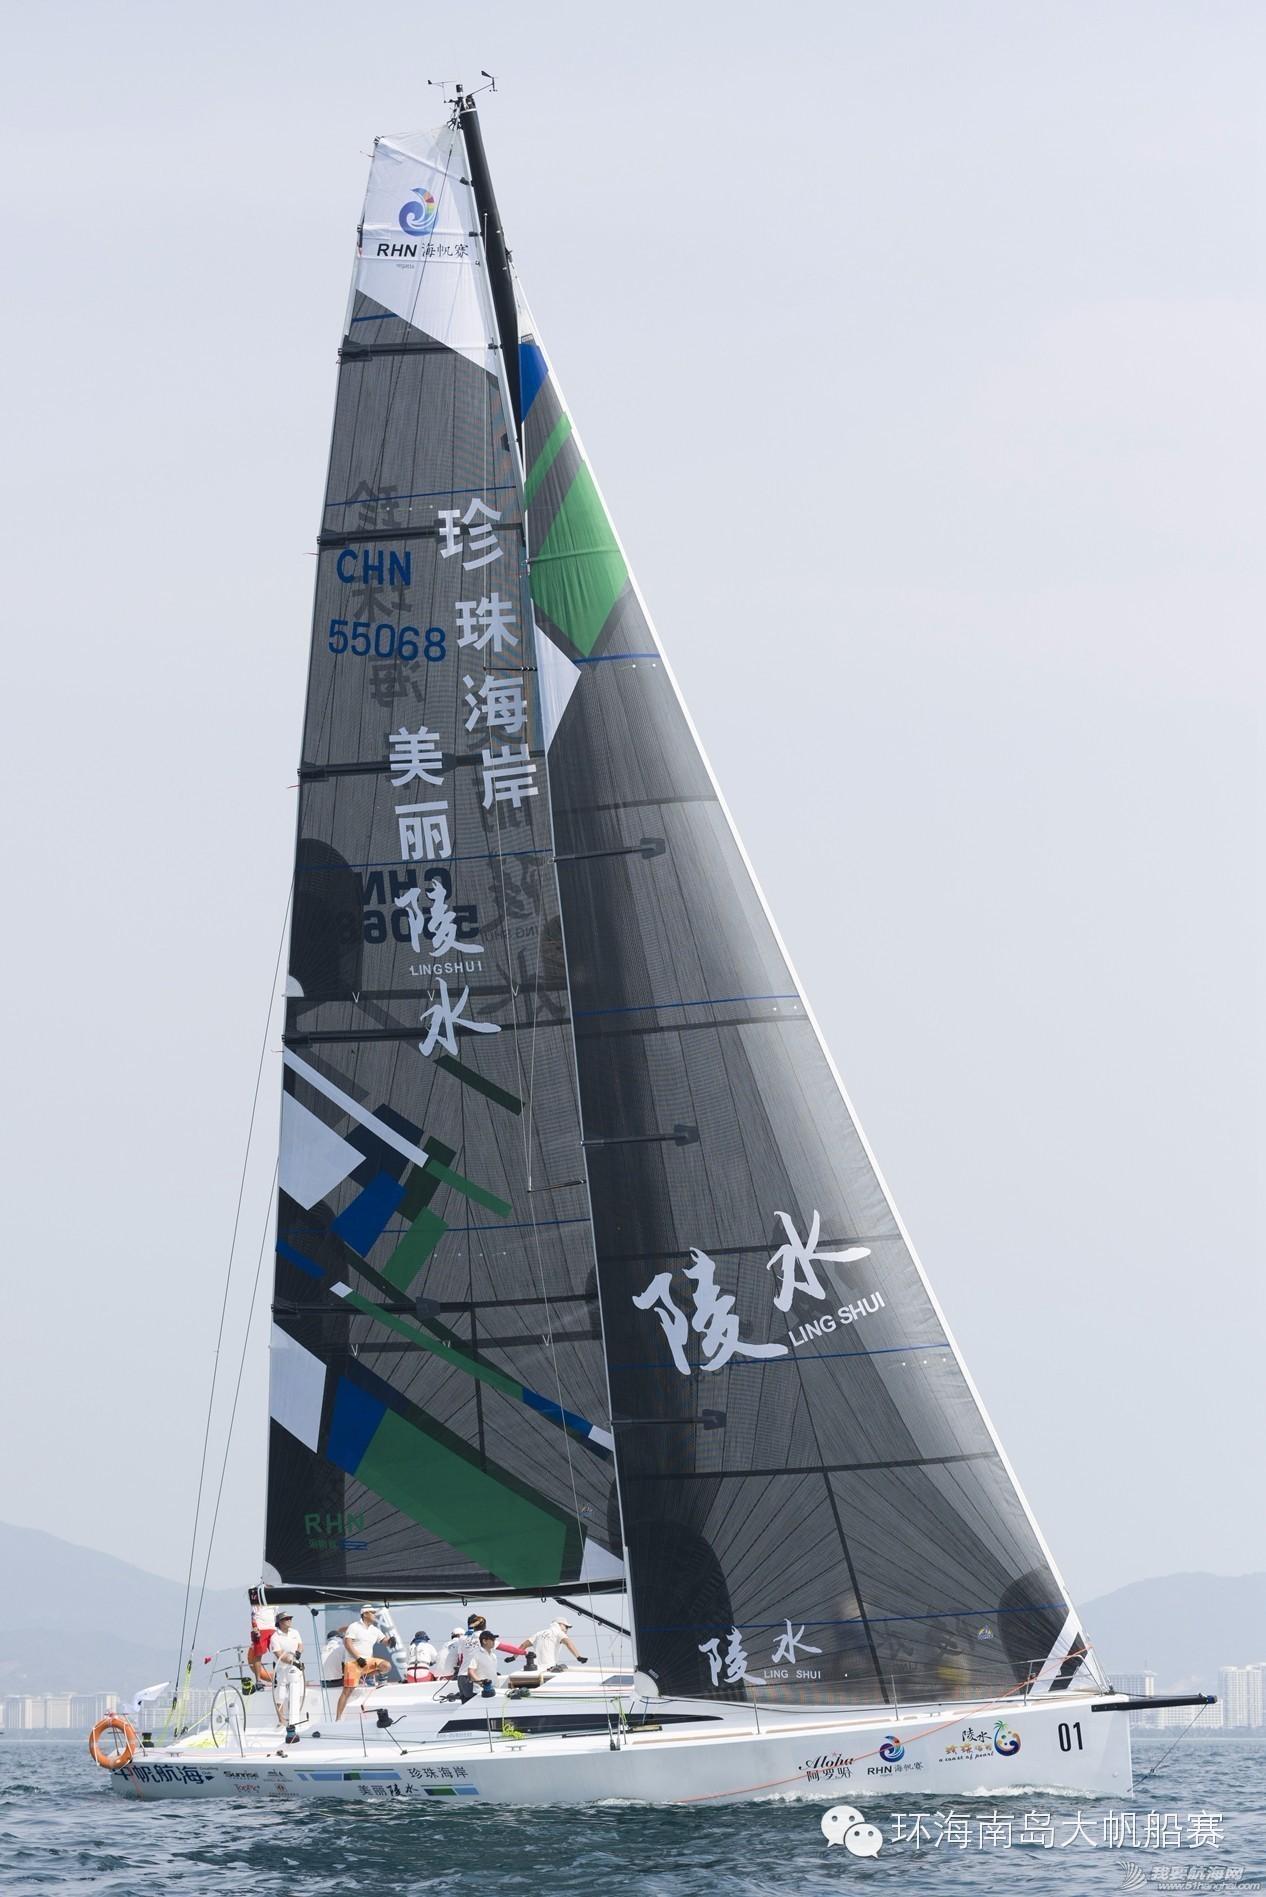 【水手访谈】陵水号船长Martin:外海找风的逆袭之路 9c8f27c3b1e01ec5cfb4b45341142310.jpg